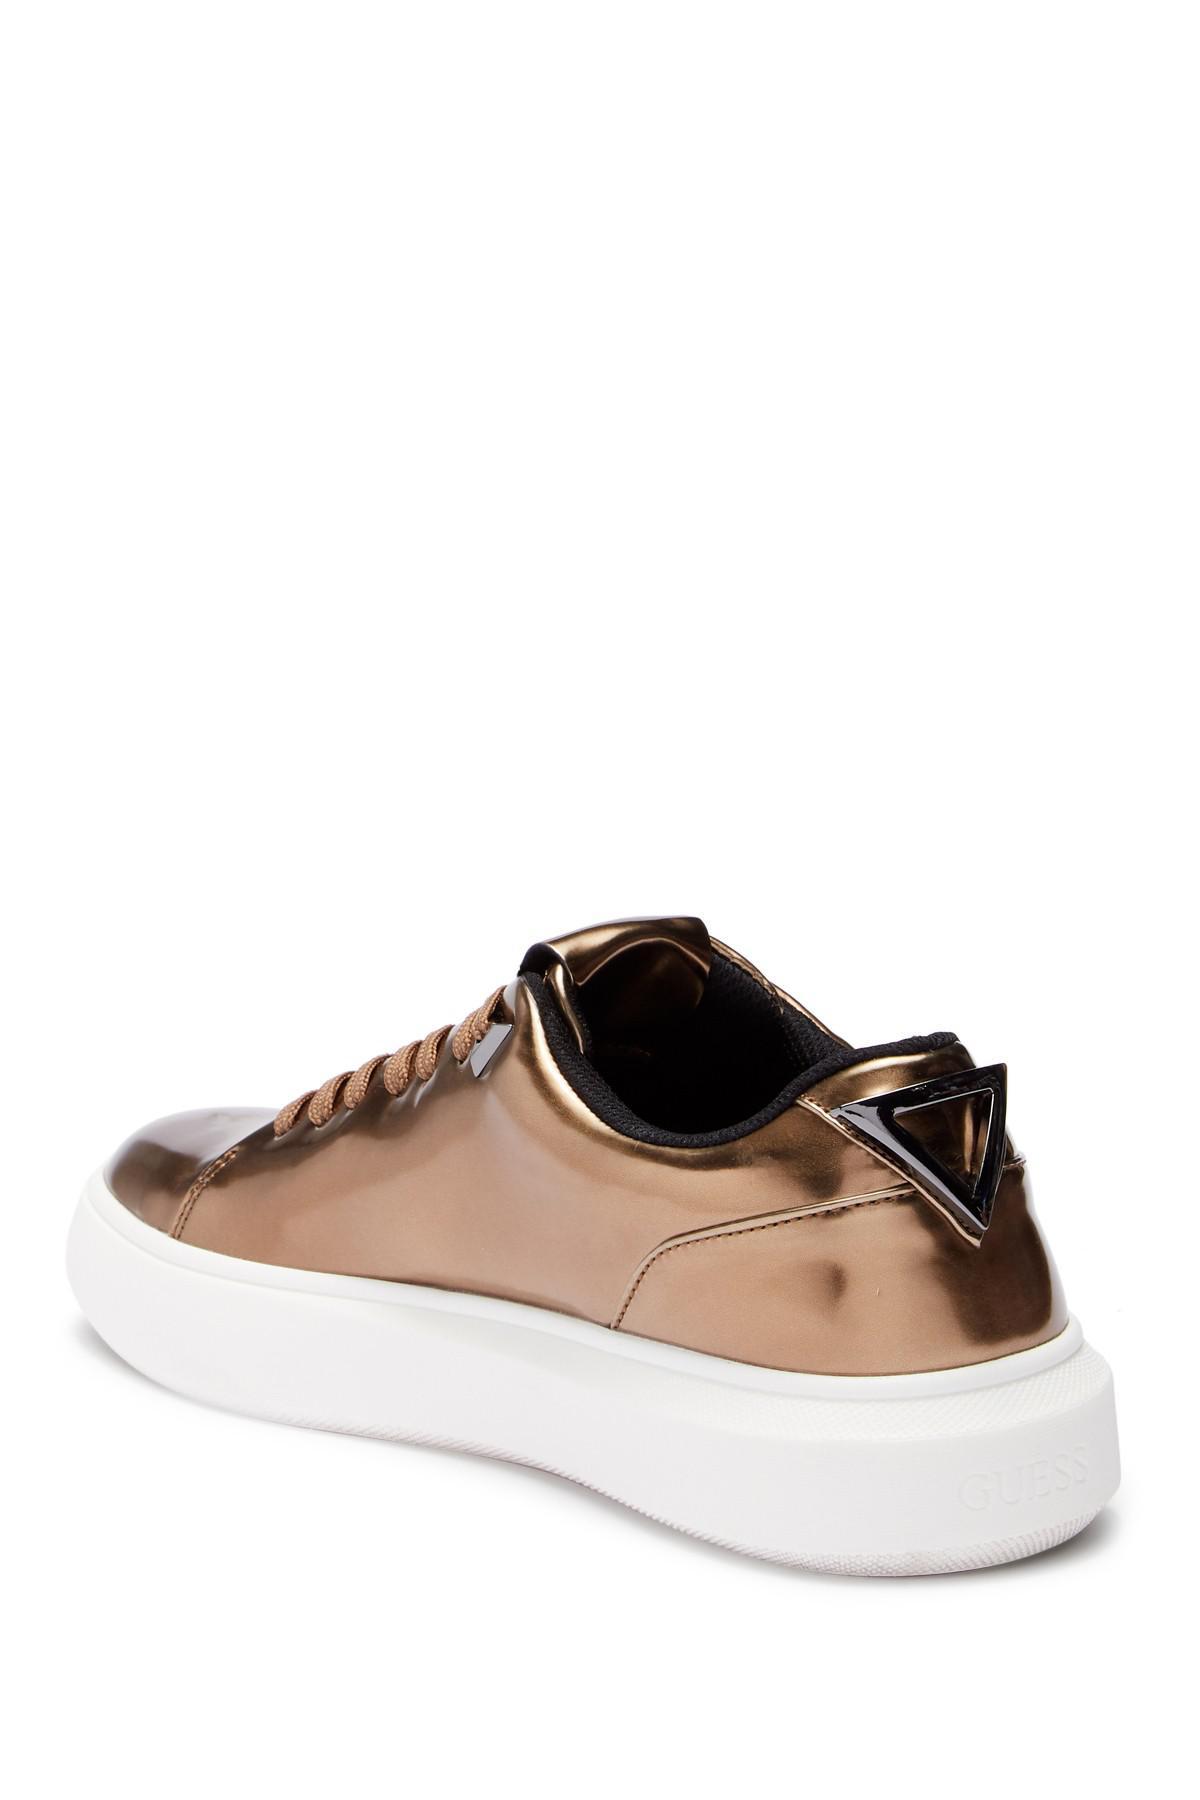 2ce1f63f2d5 Guess - Brown Dela Cruz Sneaker for Men - Lyst. View fullscreen